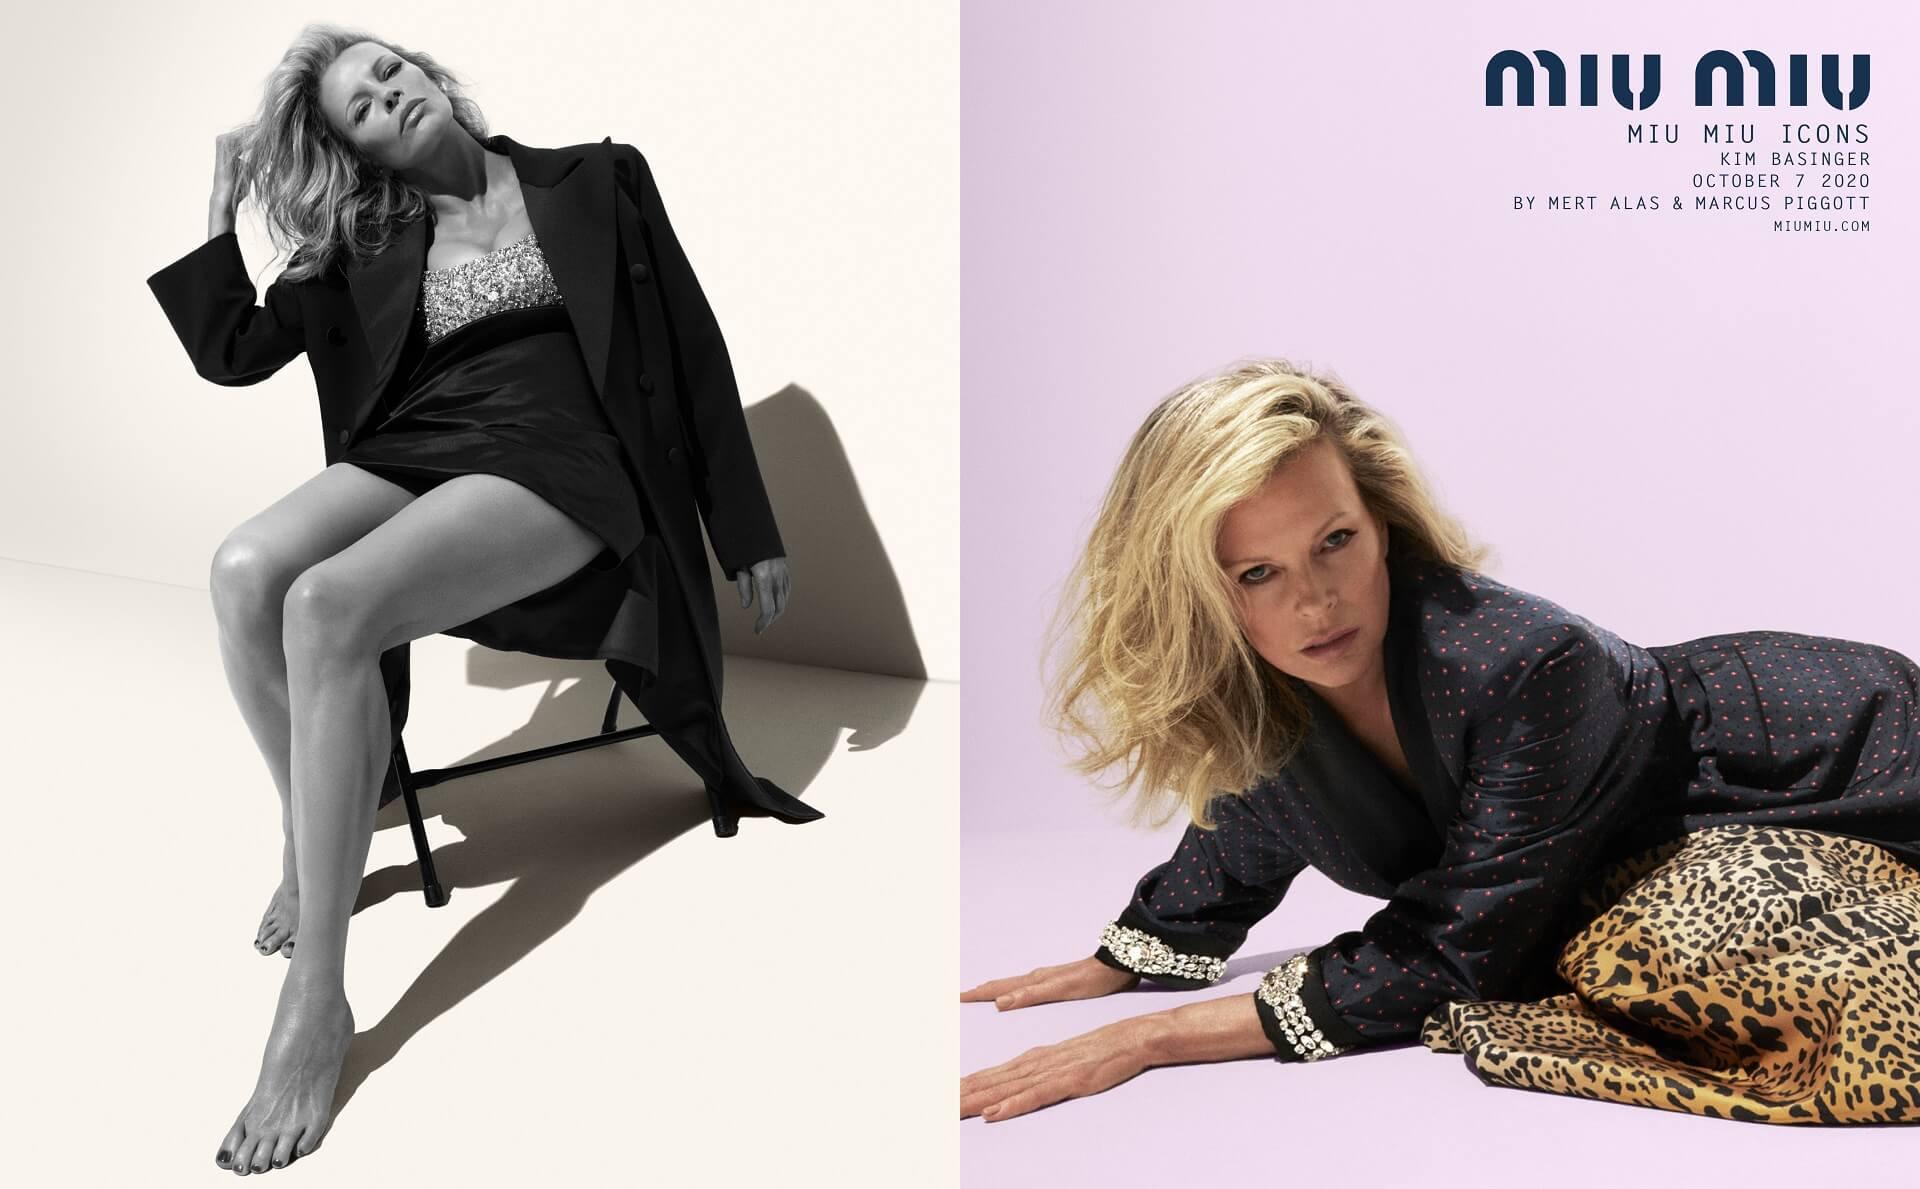 Эмма Коррин, Ким Бейсингер и Хлоя Севиньи снялись для «иконической» кампании Miu Miu-Фото 4